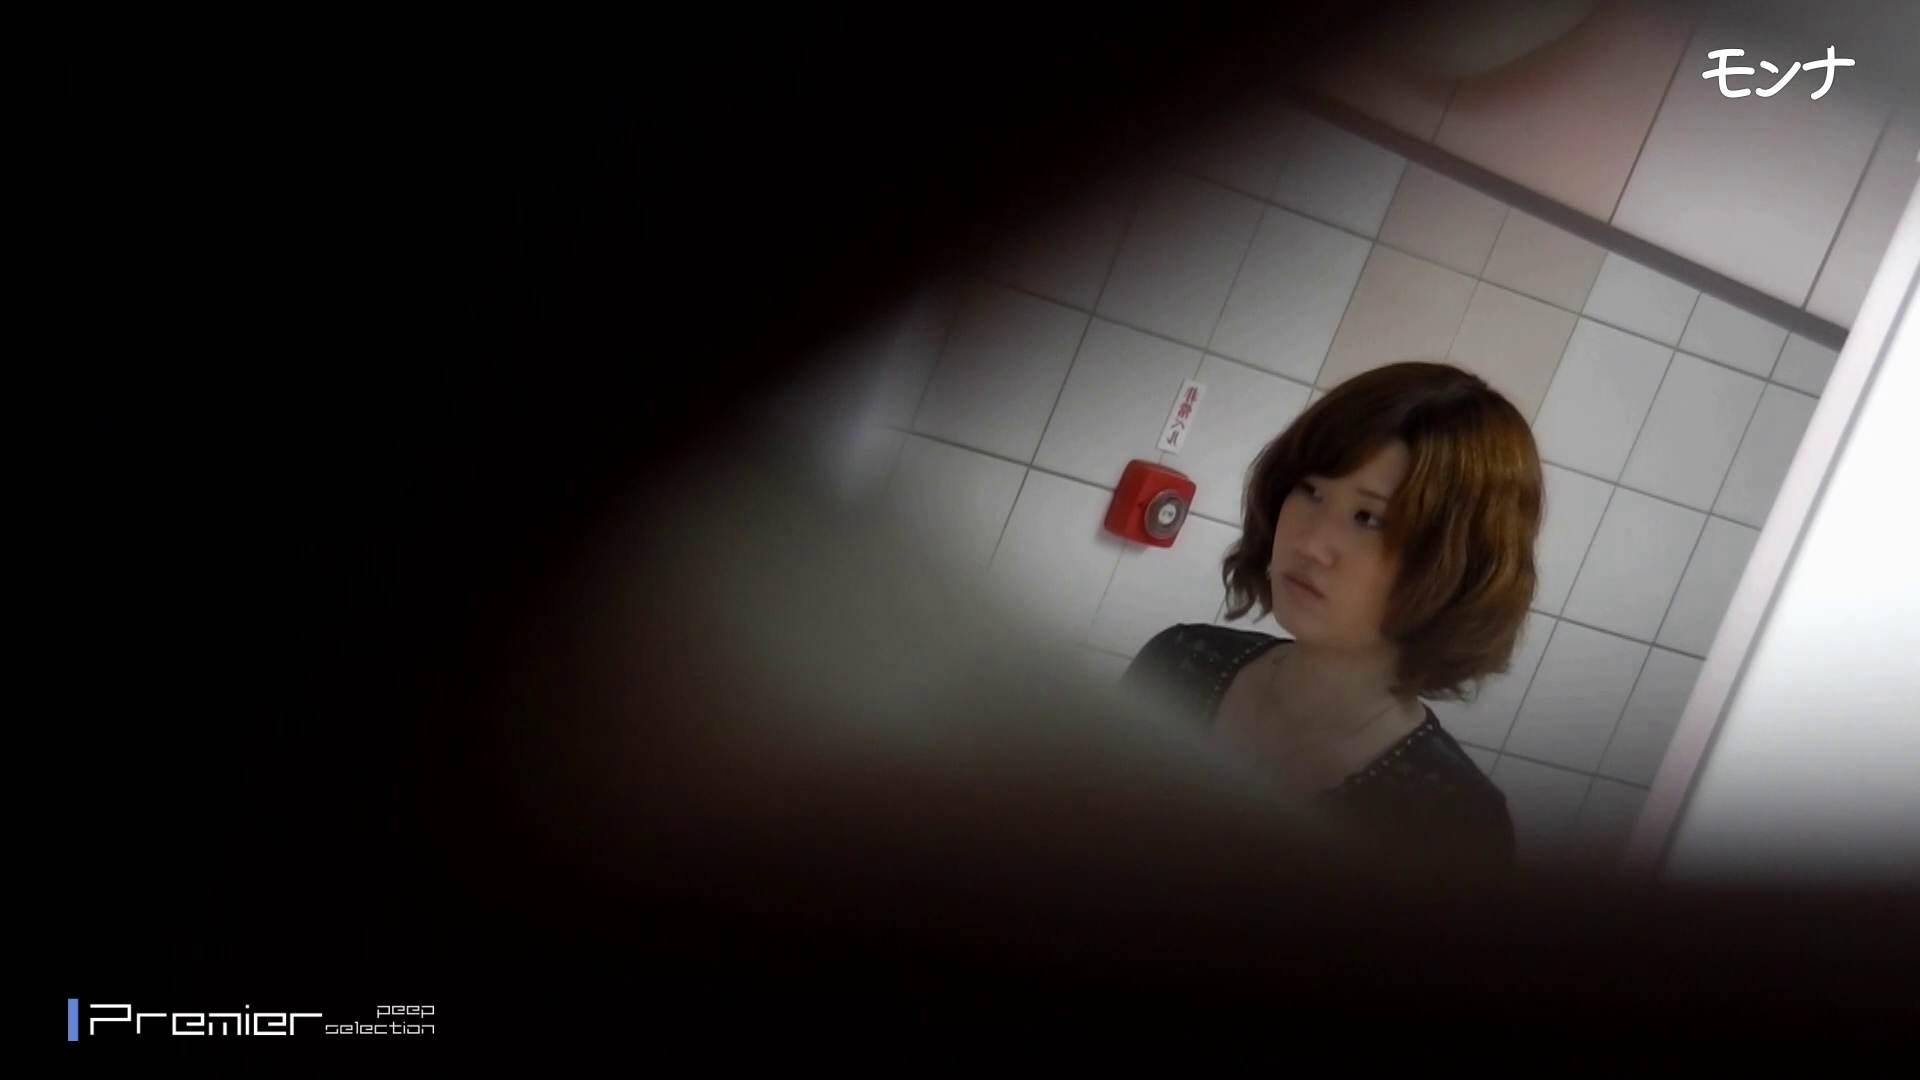 美しい日本の未来 No.70 若さゆえの美しい丸み 盗撮 盗撮動画紹介 57PIX 34